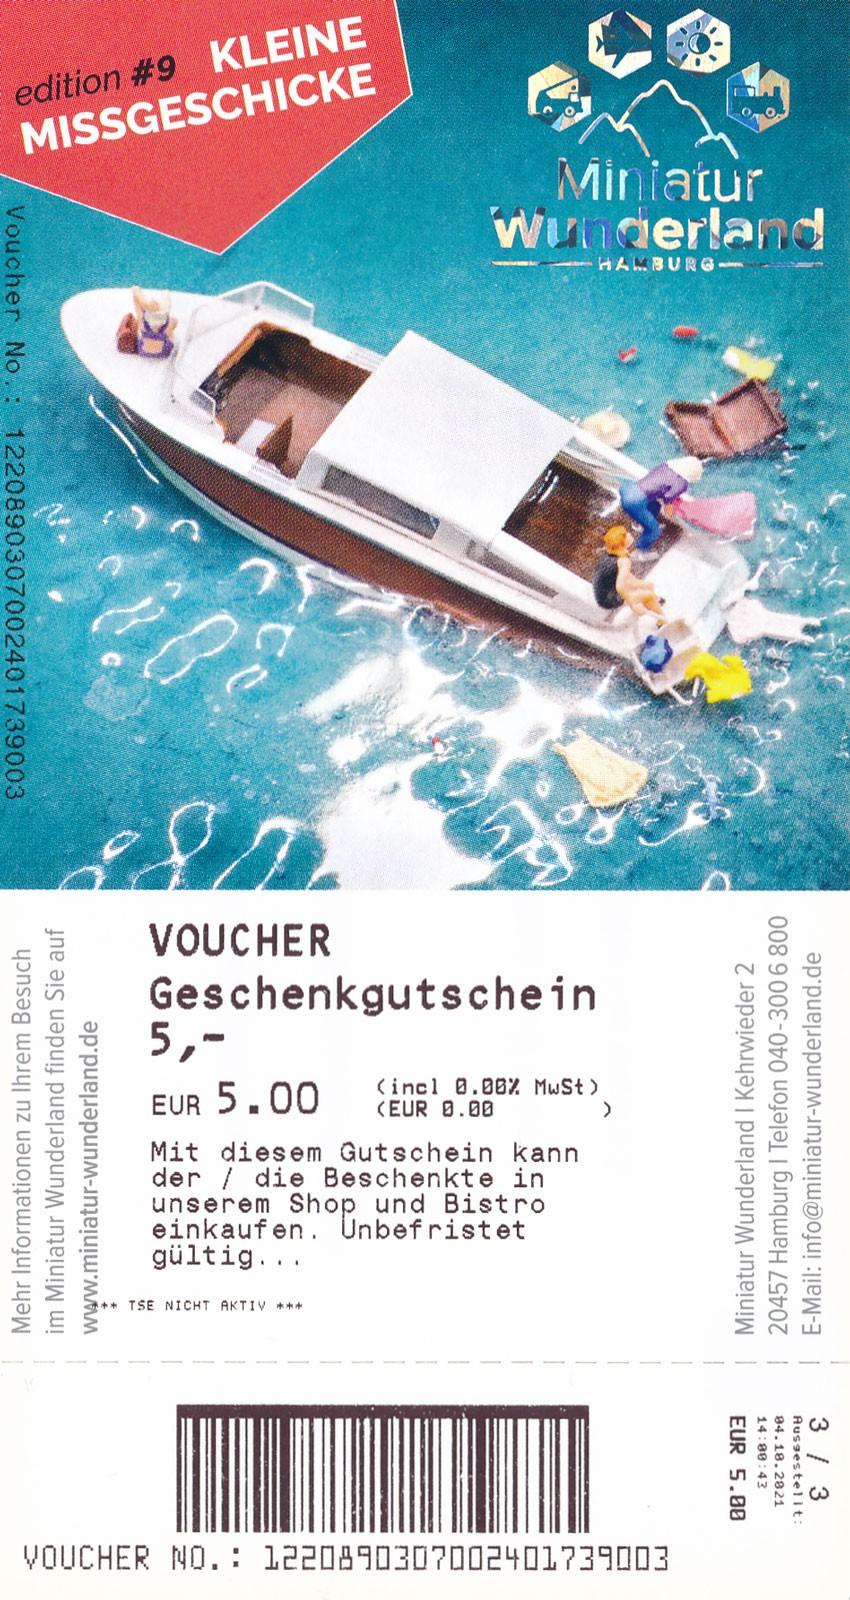 5 Euro Geschenkgutschein - Shop und Bistro